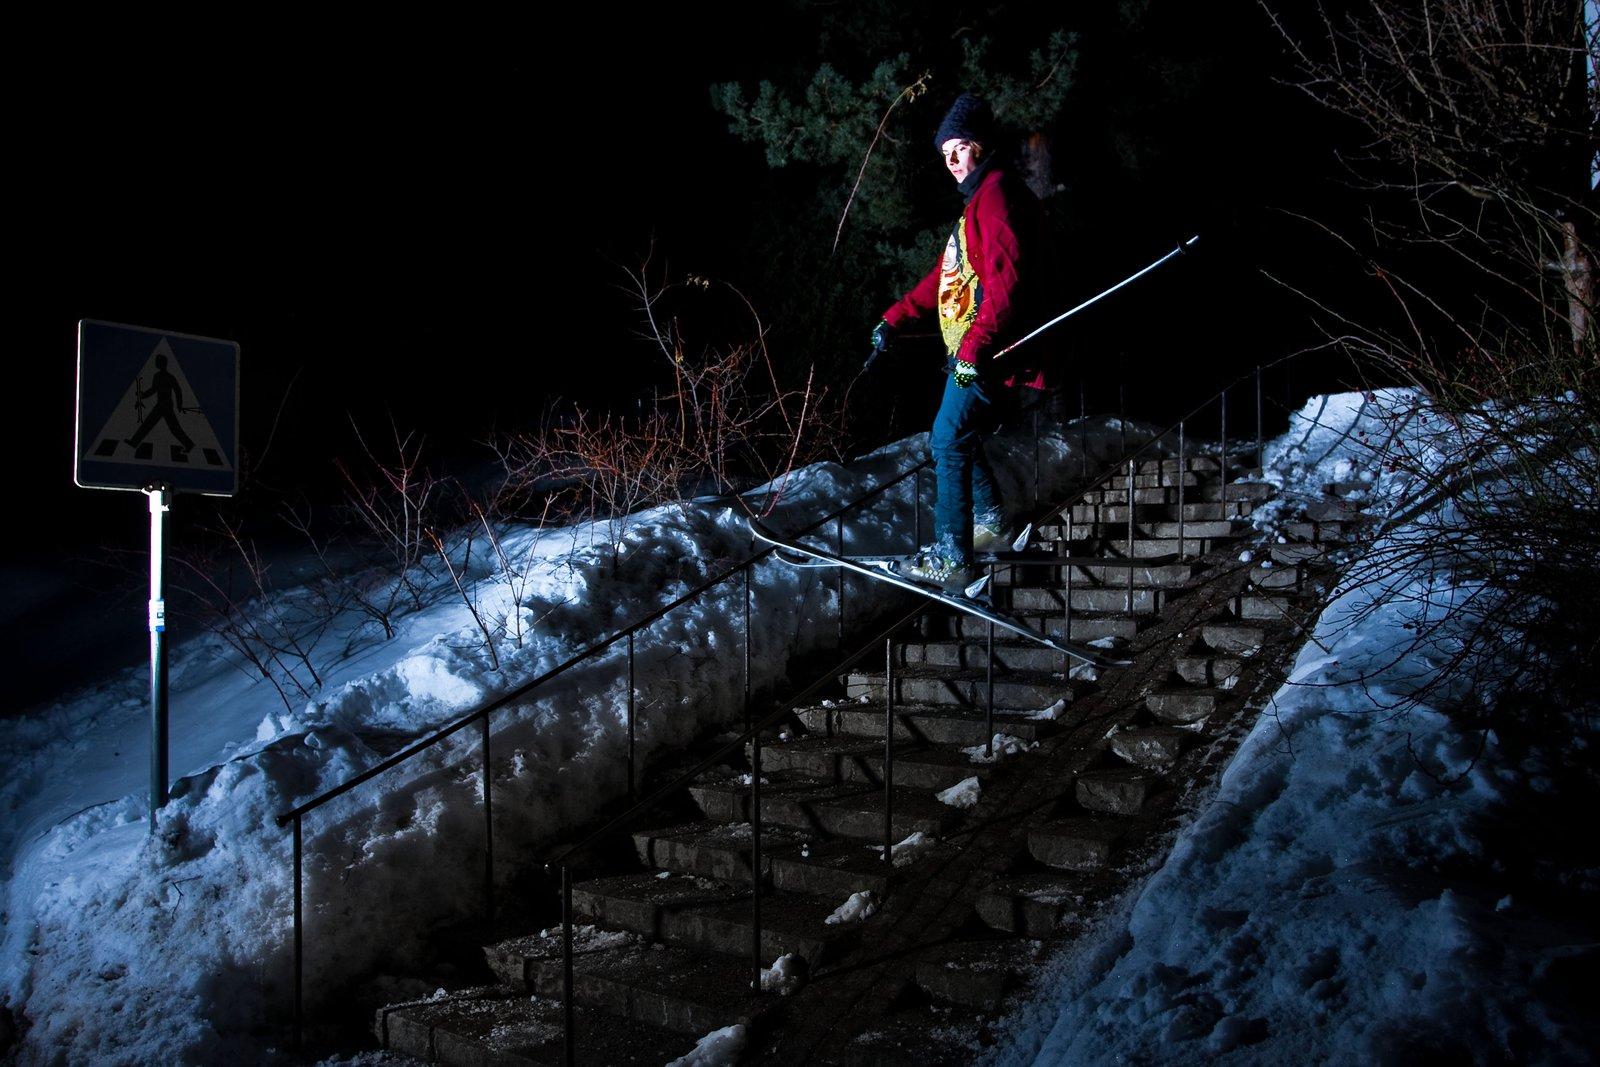 Luke Skiwalker handrail